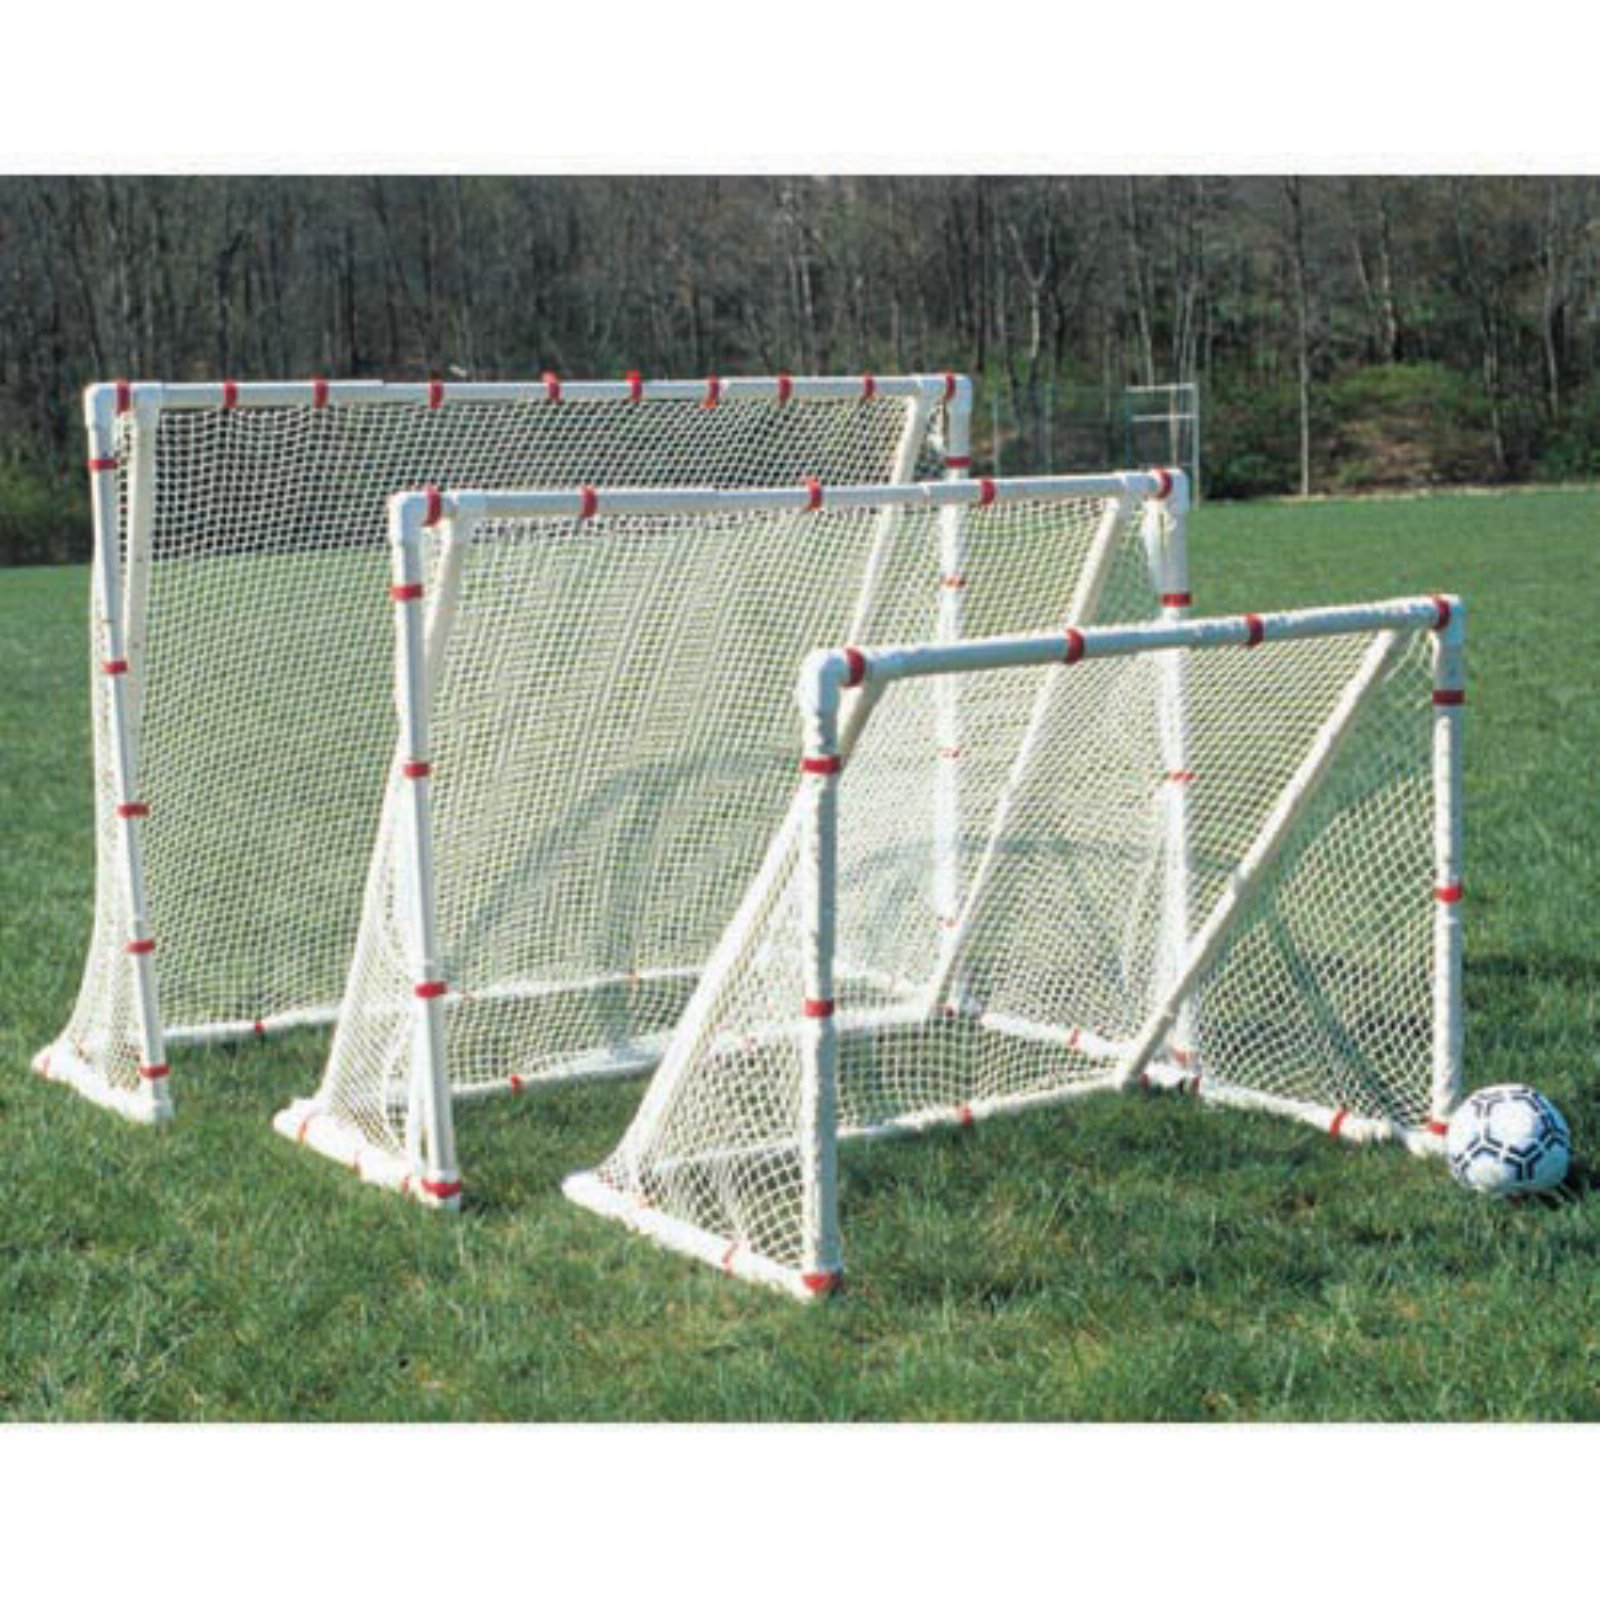 Goal Sporting Goods Striker PVC Telescoping Soccer Goal